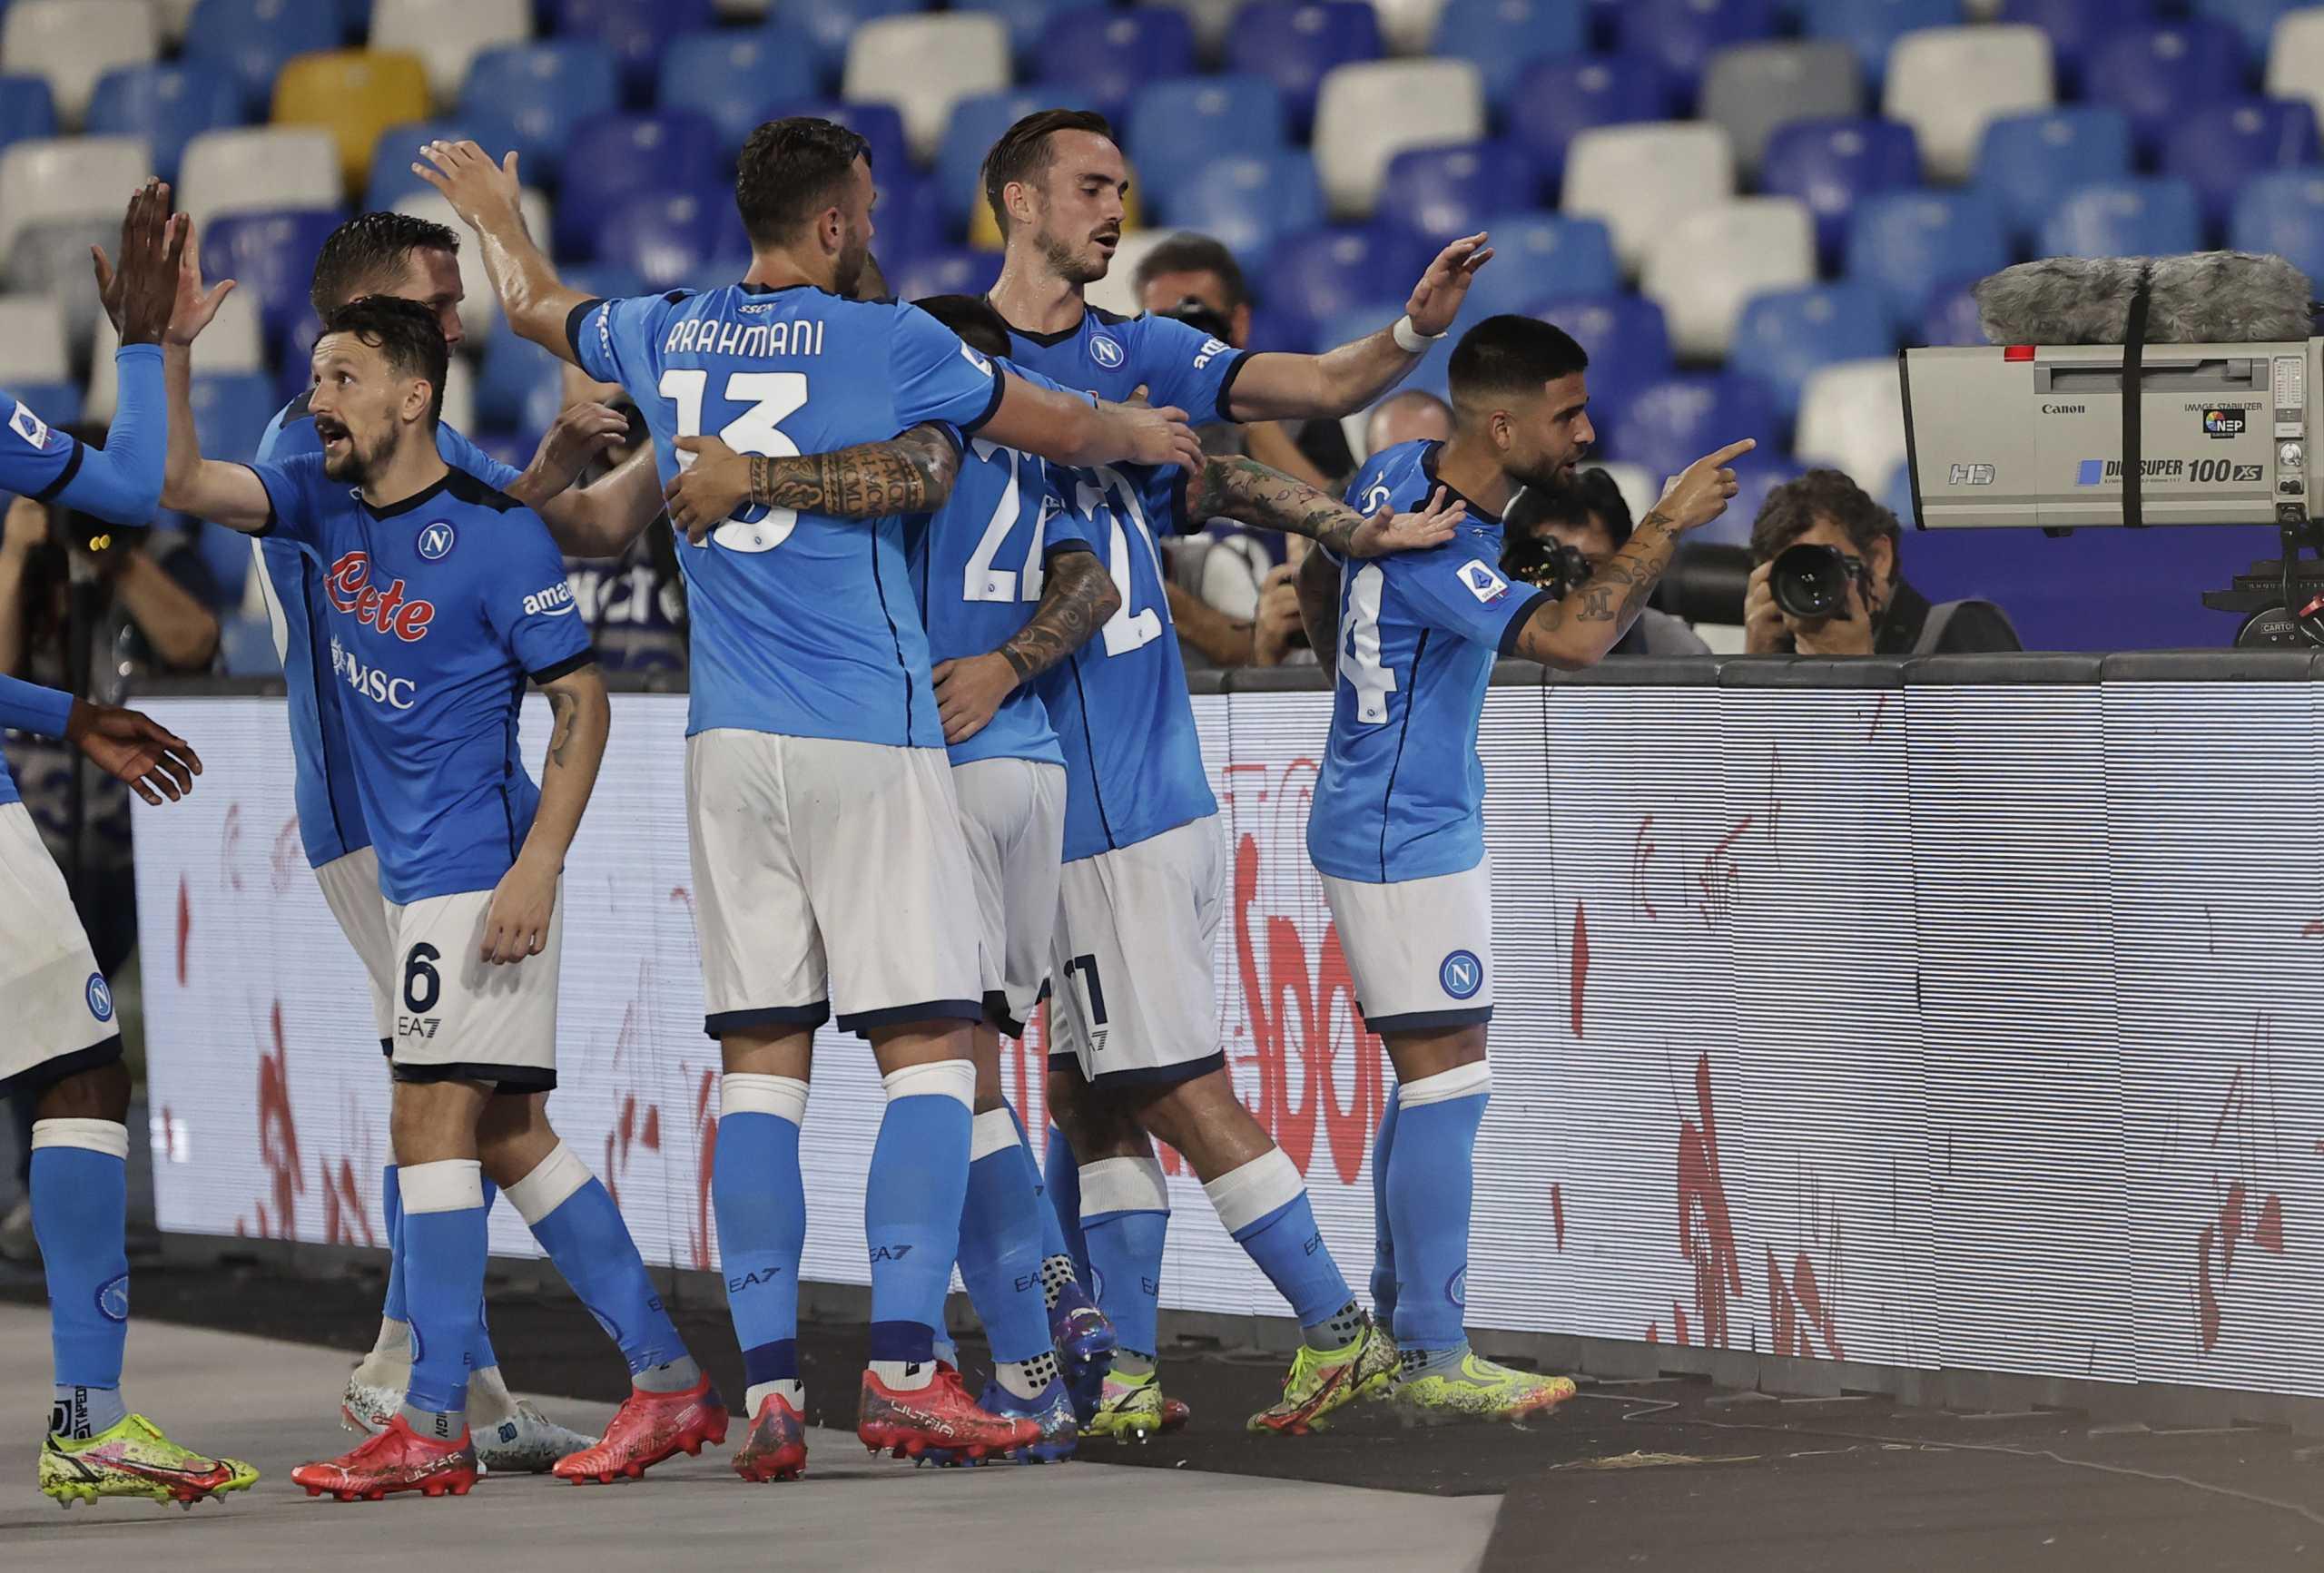 Serie A, Νάπολι – Κάλιαρι 2-0: «Έξι στα έξι» και φουλ για πρωτάθλημα οι «παρτενοπέι»